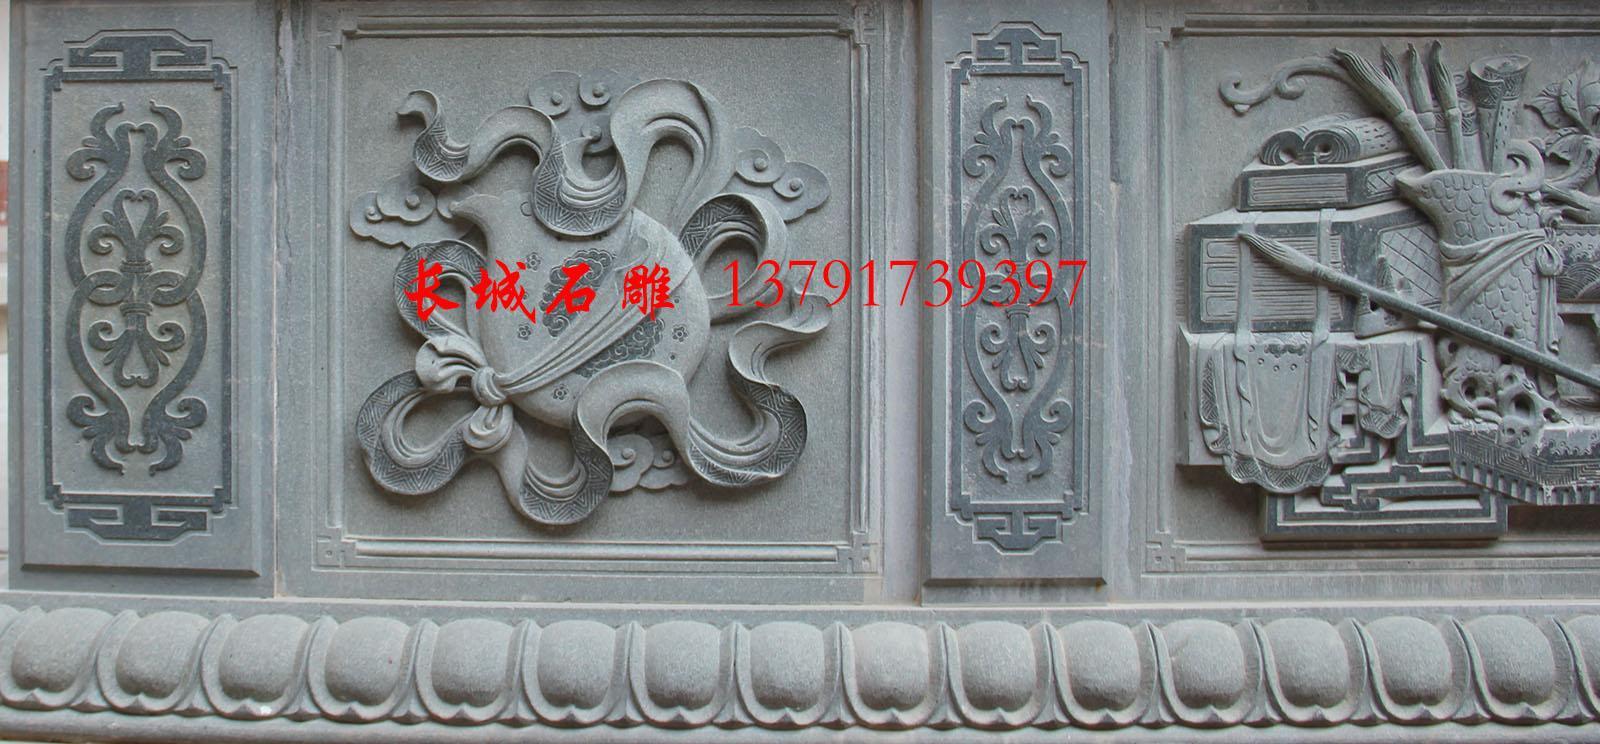 石雕牌坊横梁浮雕暗八仙雕刻设计图